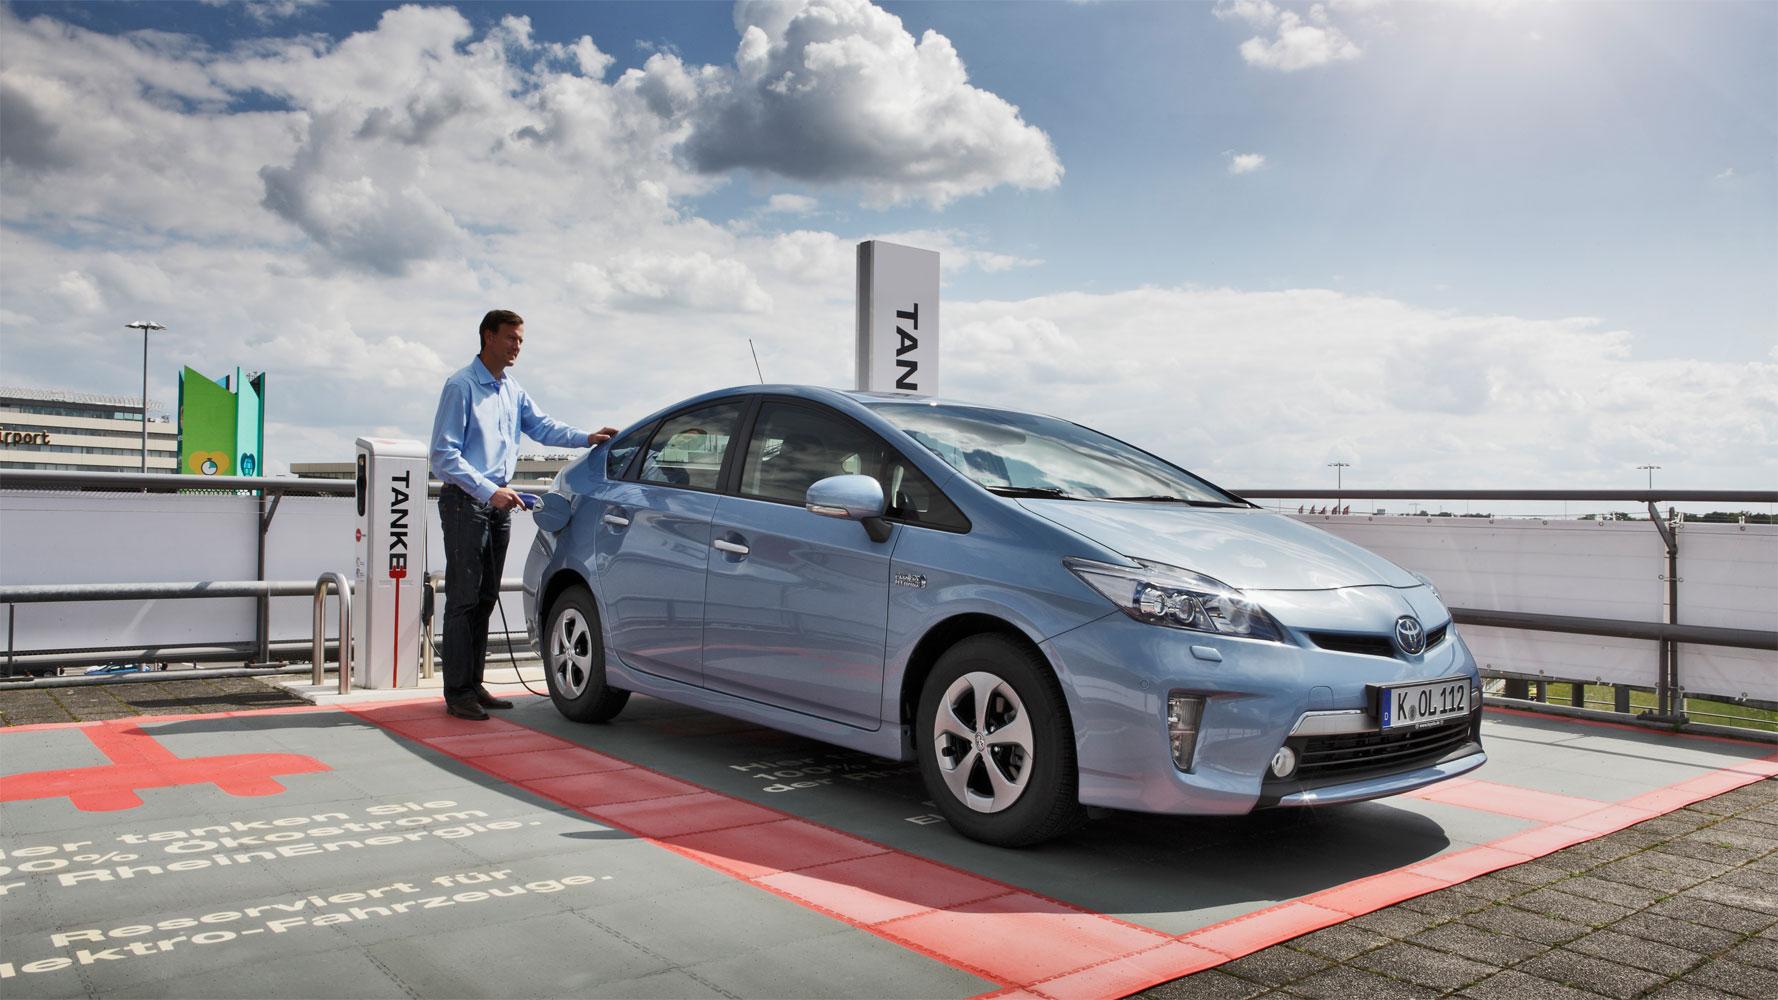 Toyota Prius gehackt: Ist Internet im Auto sicher?